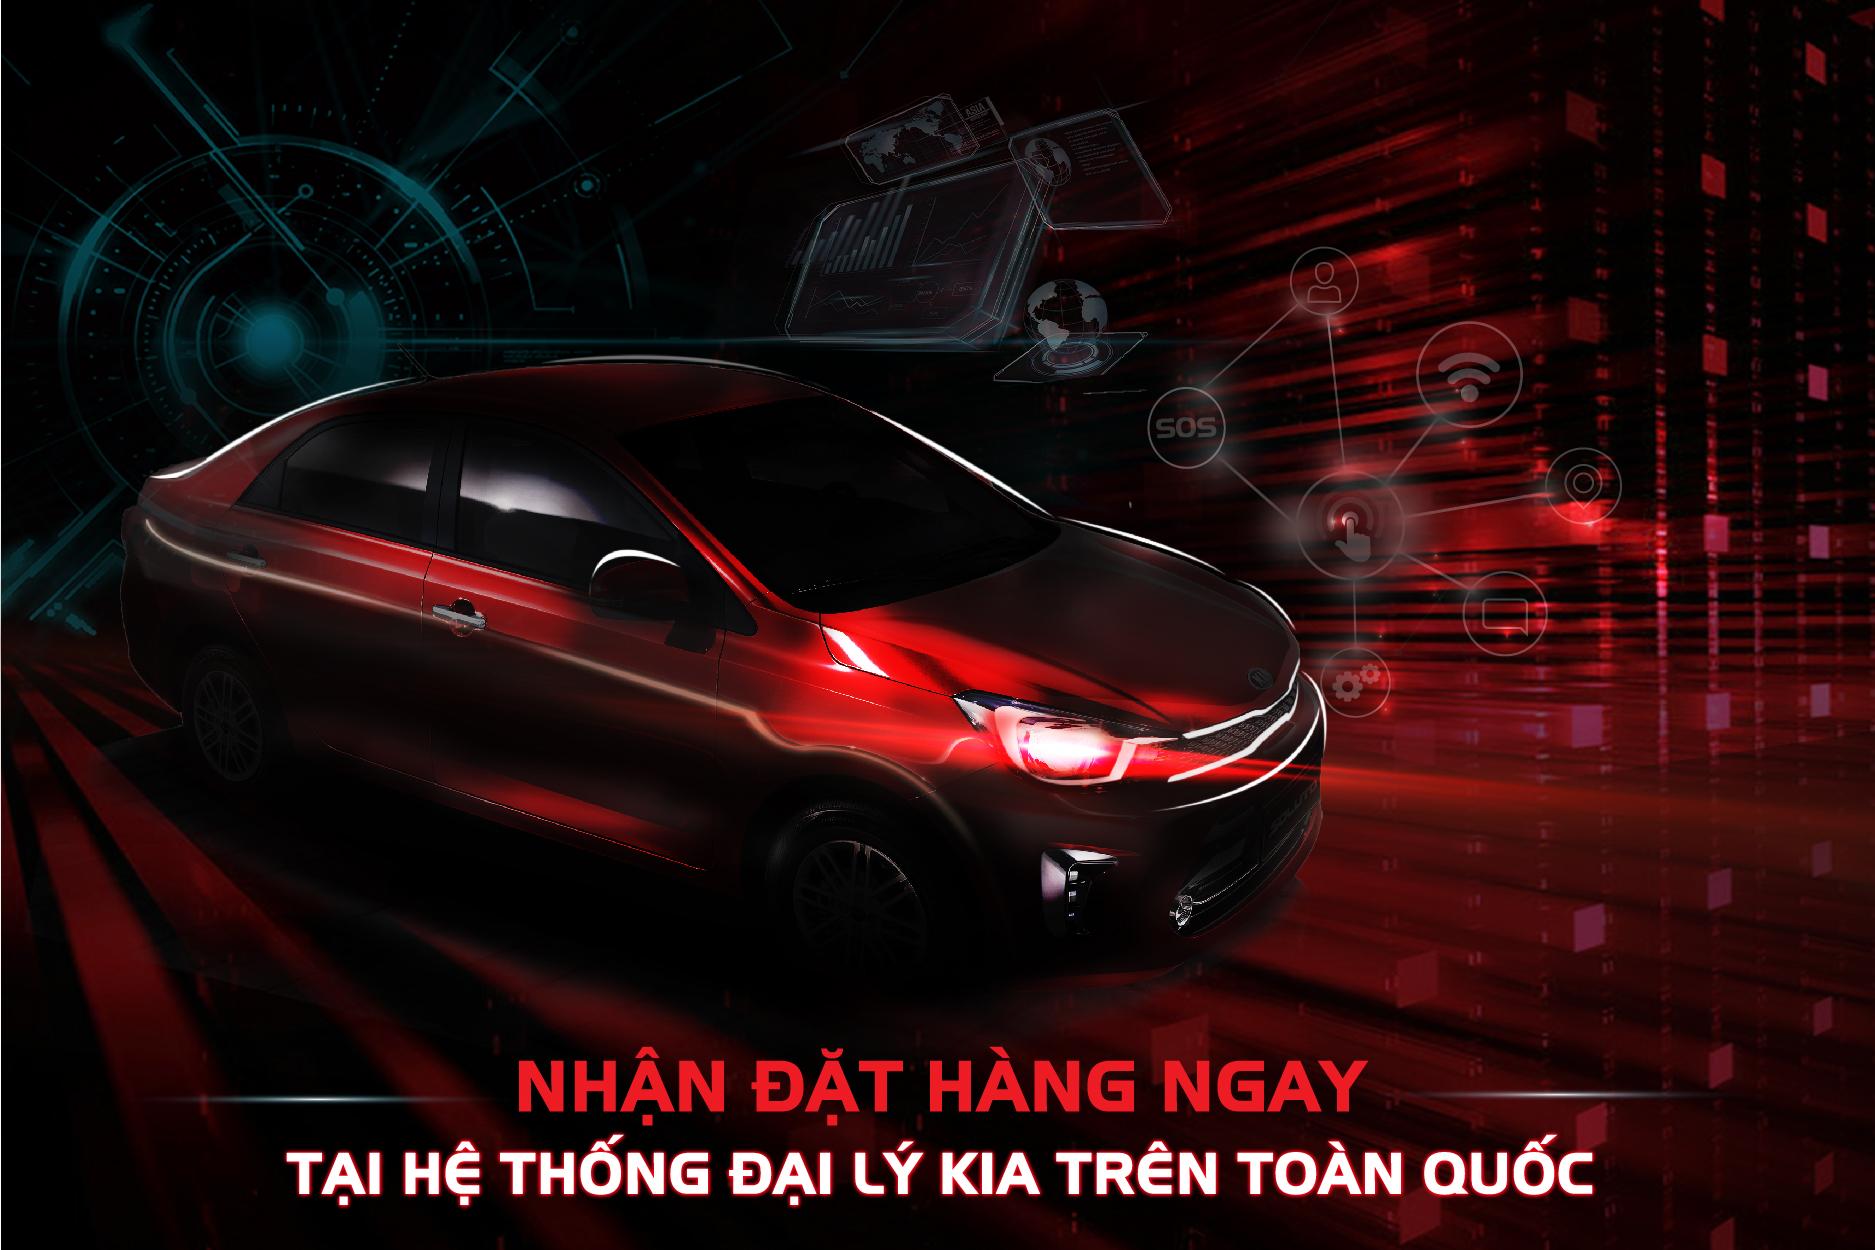 Kia Việt Nam chính thức nhận đặt hàng mẫu xe hoàn toàn mới phân khúc B-Sedan giá chỉ từ 399 triệu đồng  - Ảnh 3